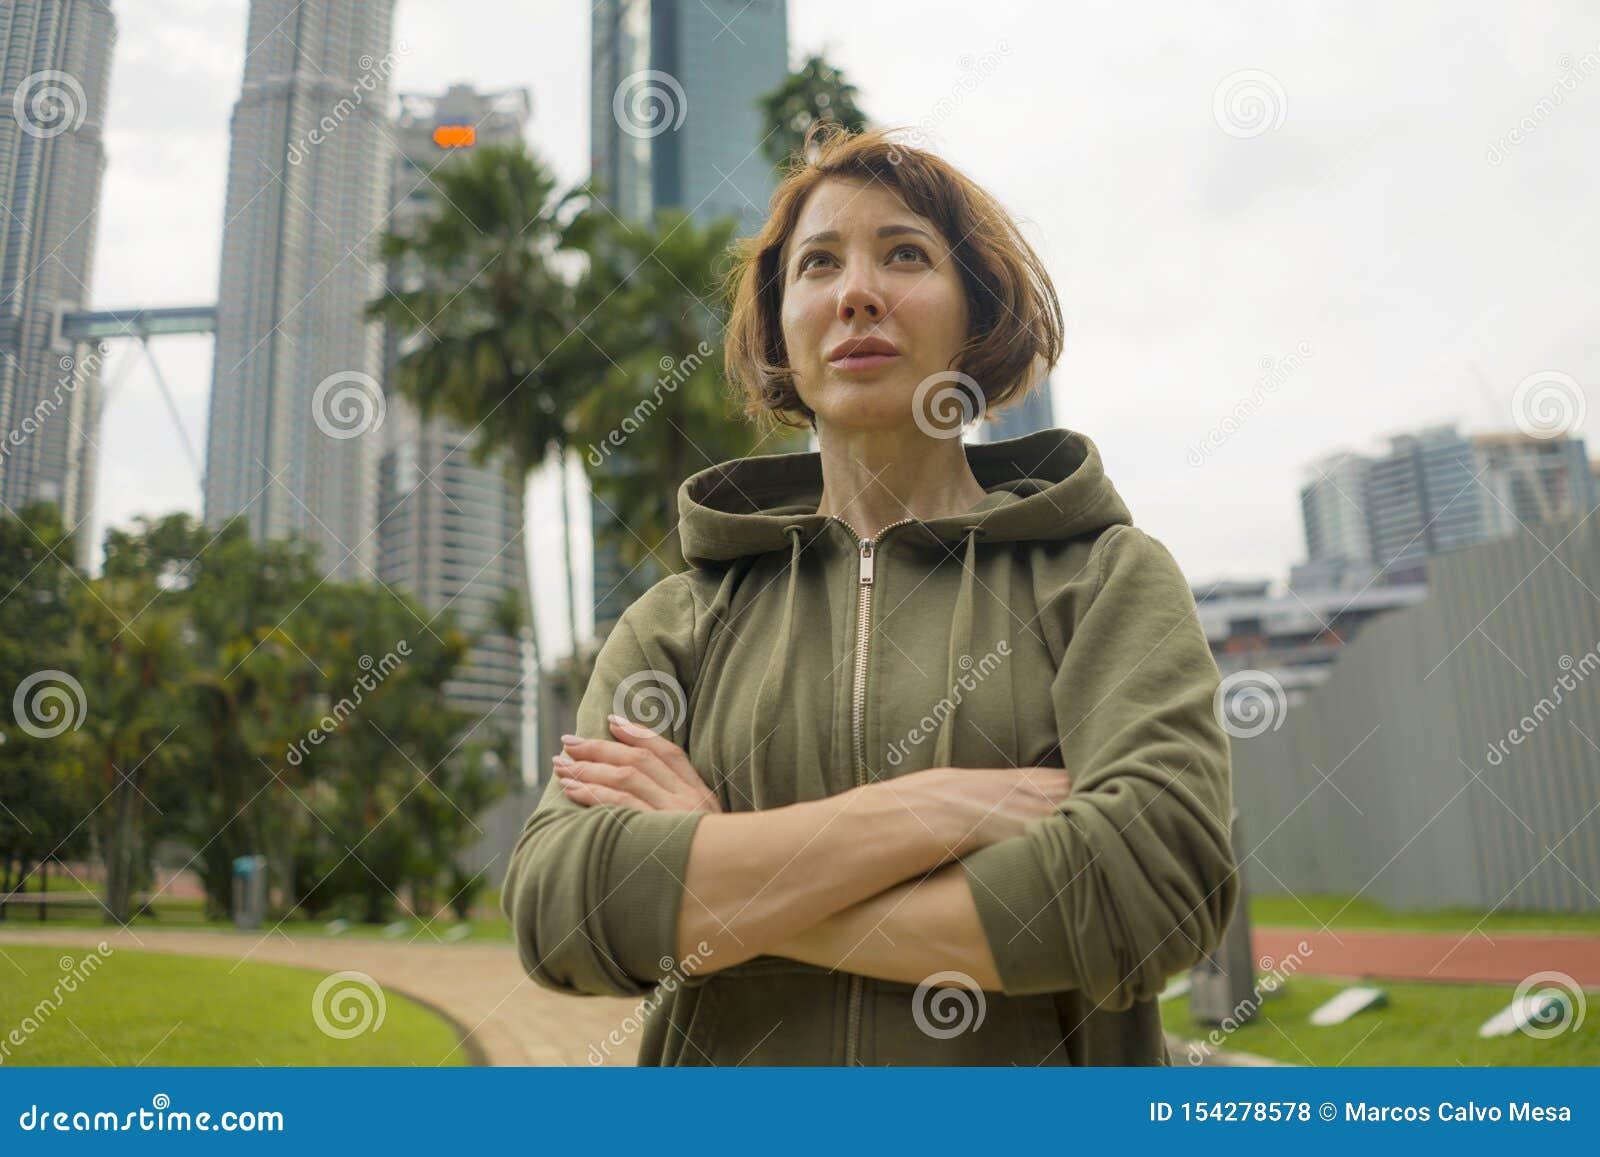 Giovane donna attraente e attiva del pareggiatore nella cima di maglia con cappuccio pronta per la mattina che esegue allenamento